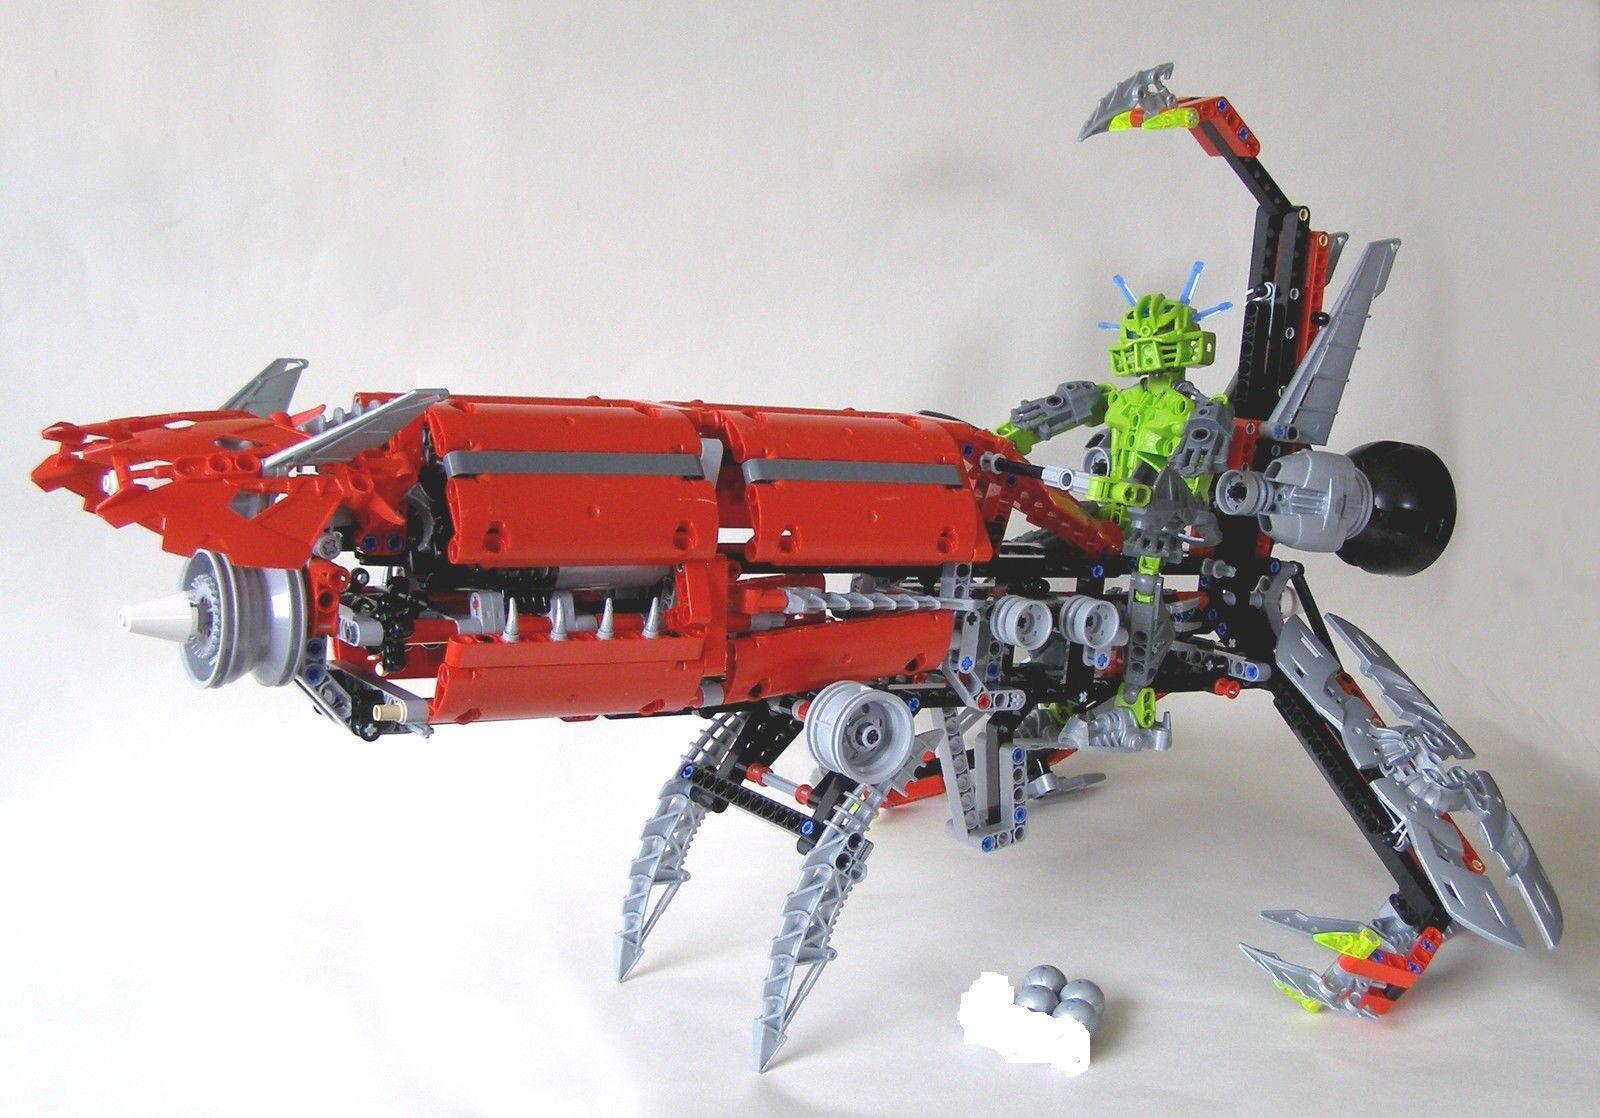 Lego 8943 Bionicle Bionicle Bionicle Karda Nui Axalara T9 robot complet à 100 %  de 2008 - NG2 12eb16